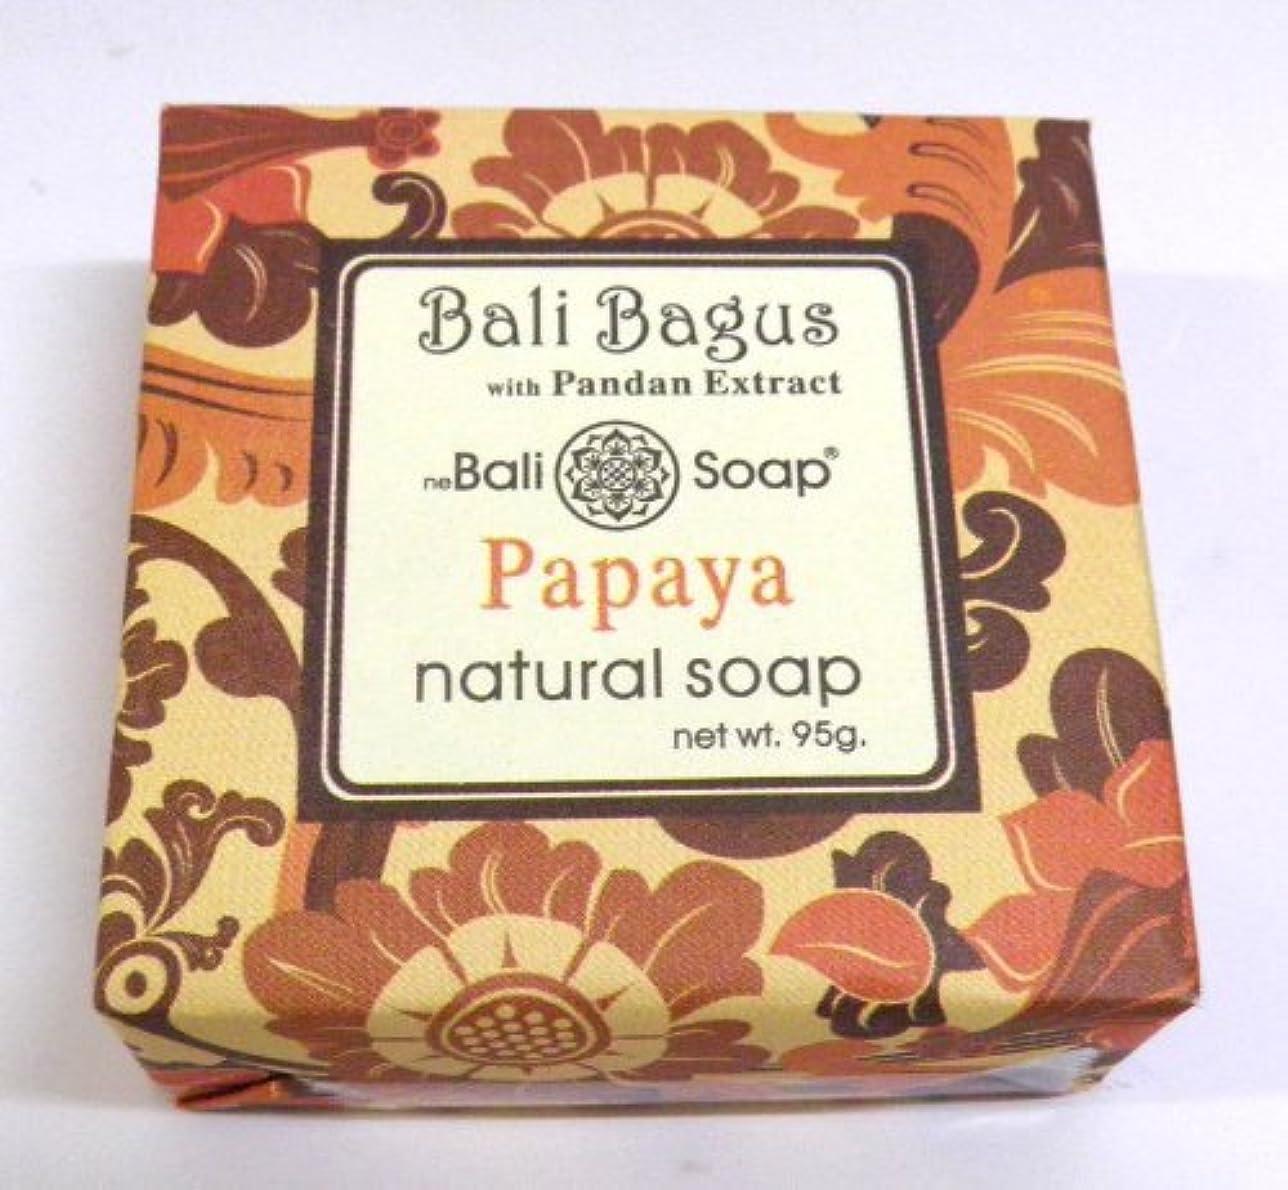 時間とともにダイヤモンド看板Bali Bagus バリナチュラルソープ (Papaya パパイヤ)